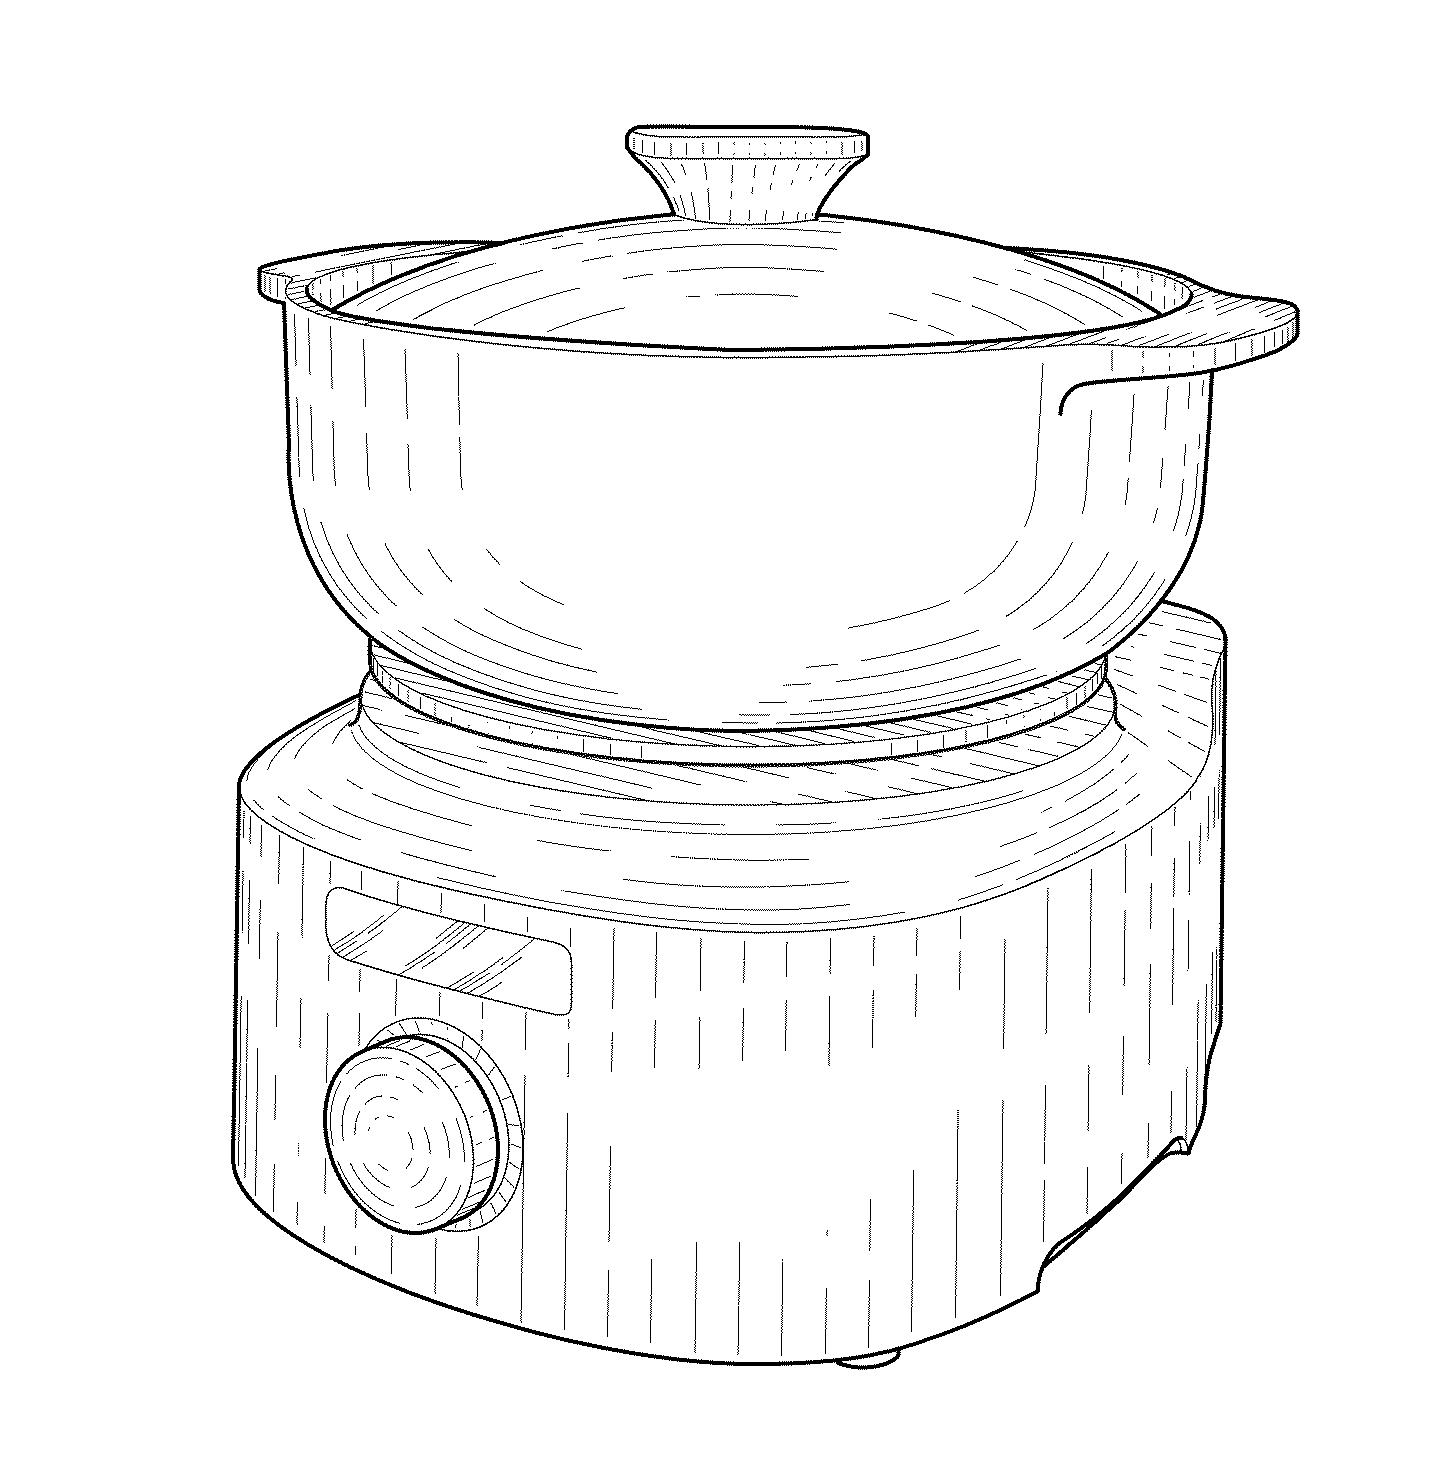 """US-D764856-S1 """"Slow cooker"""" Koninklijke Philips NV"""